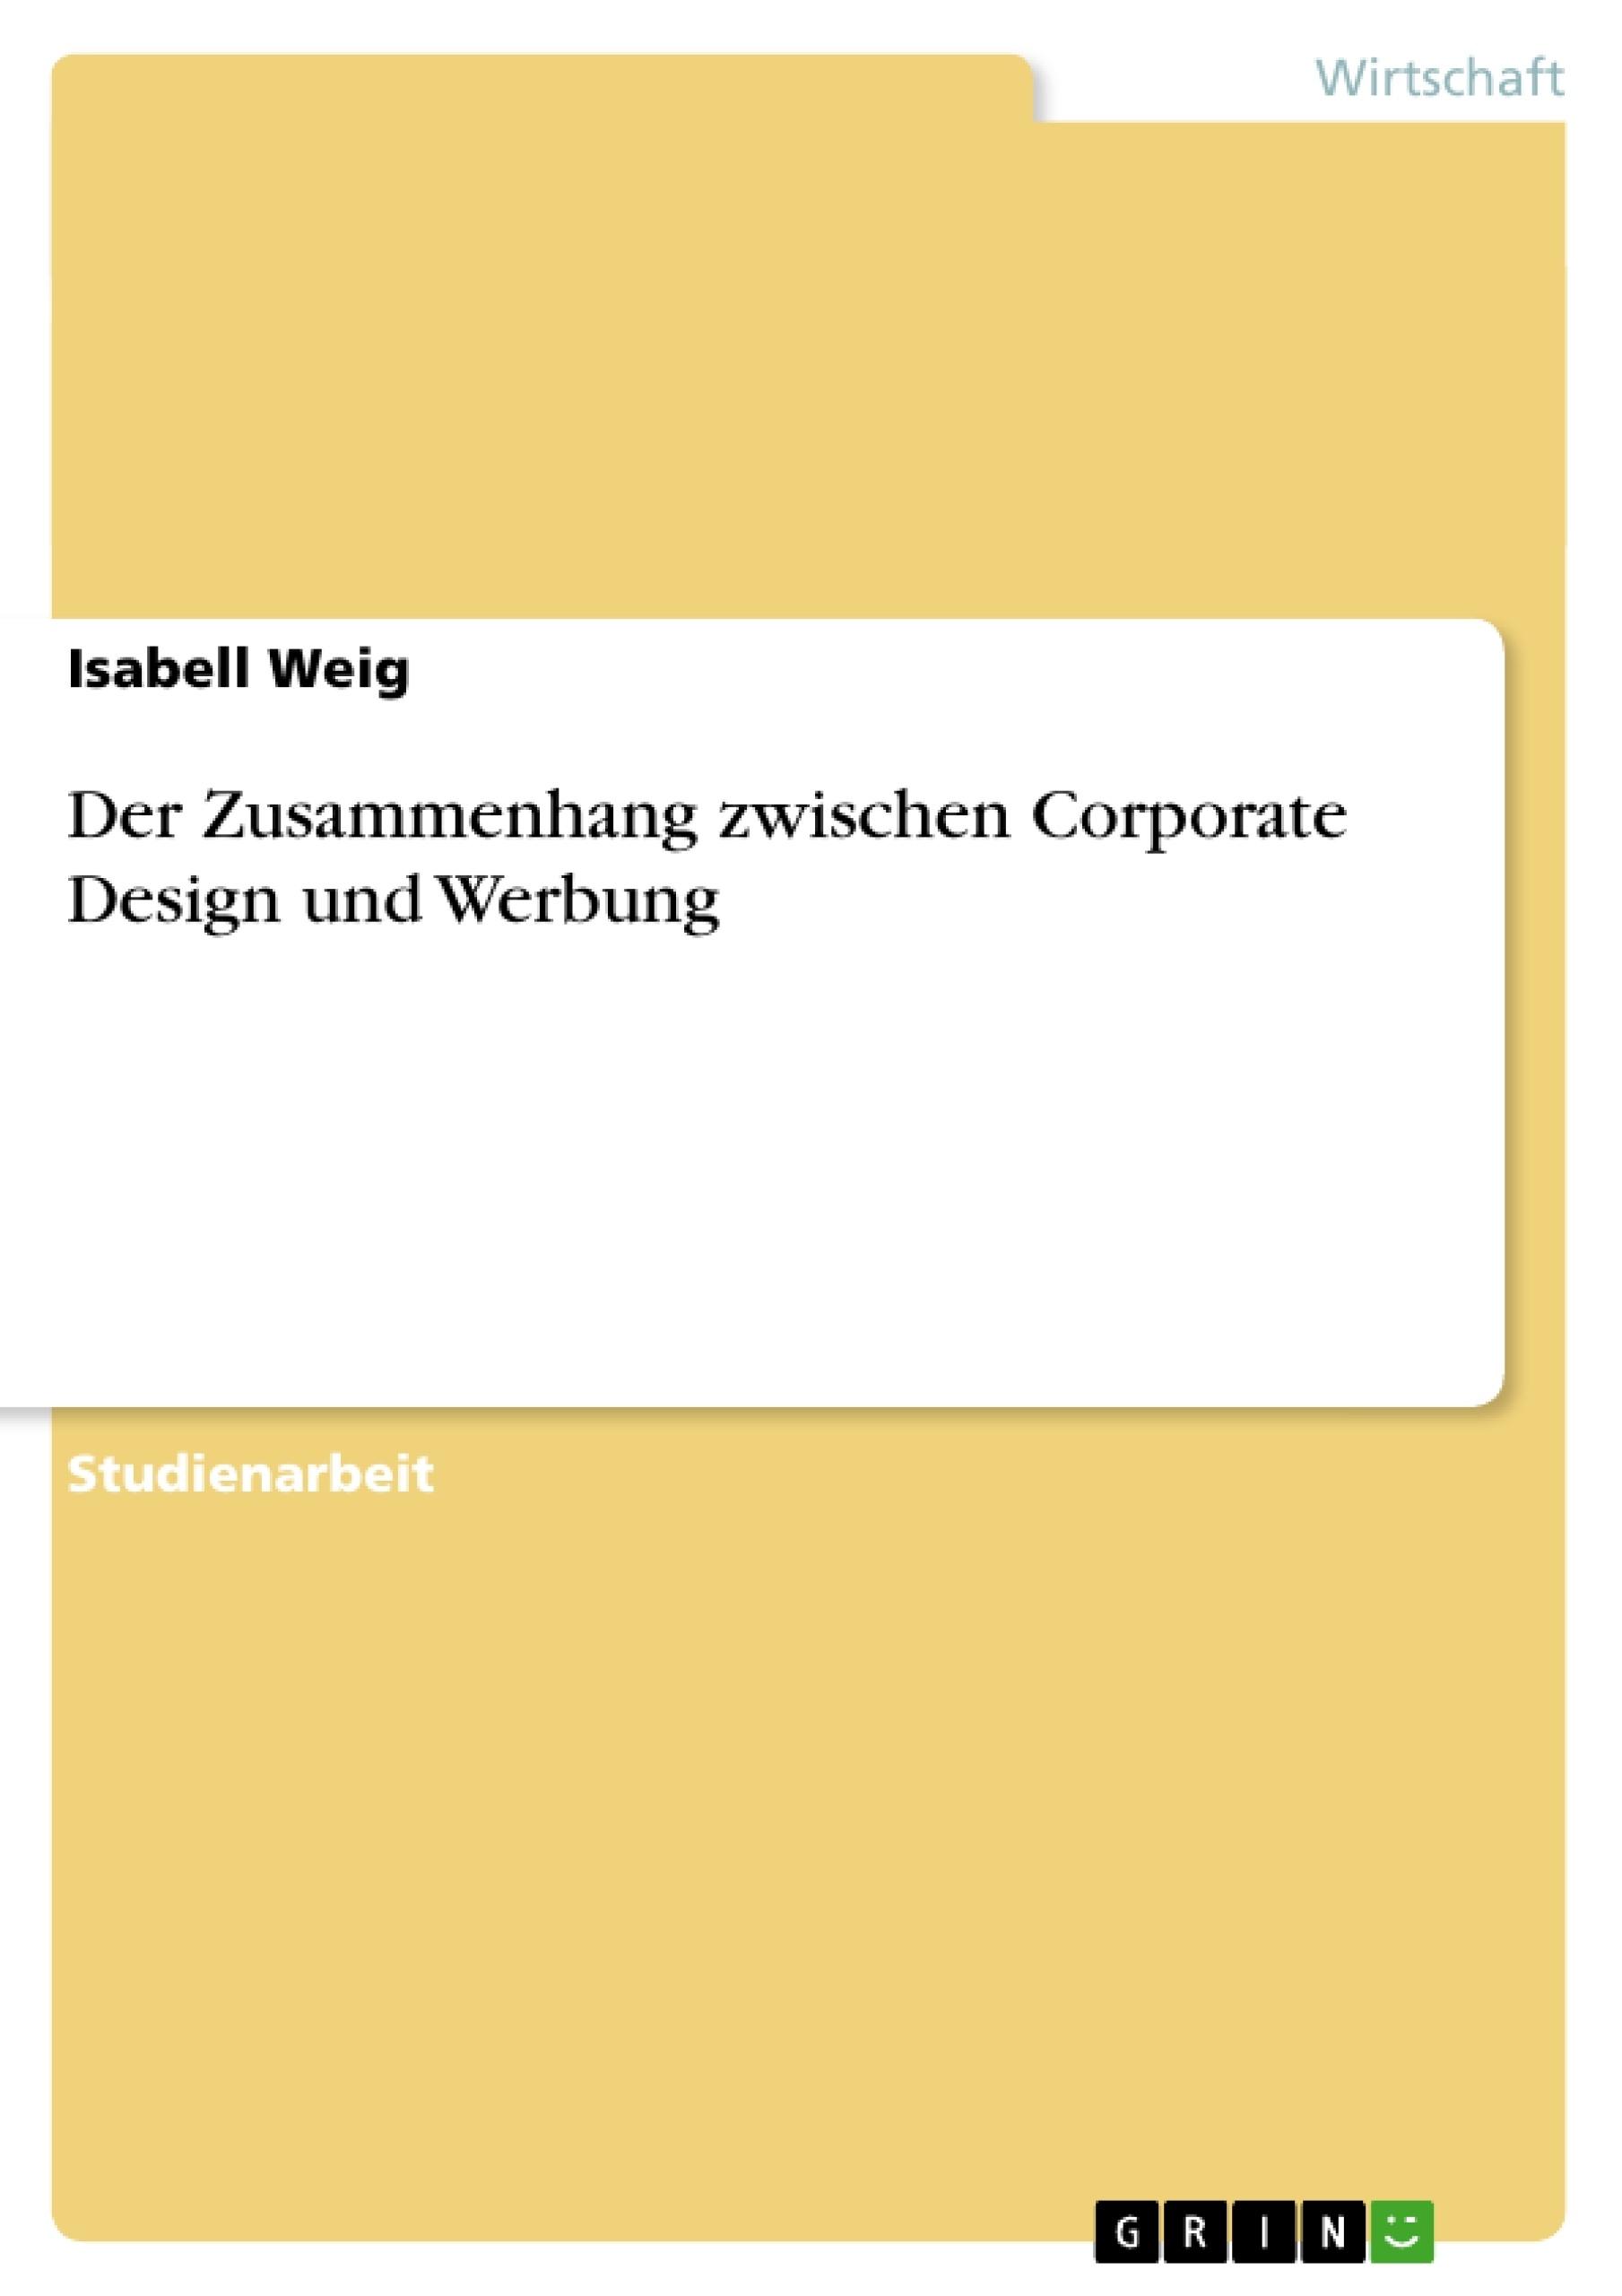 Titel: Der Zusammenhang zwischen Corporate Design und Werbung